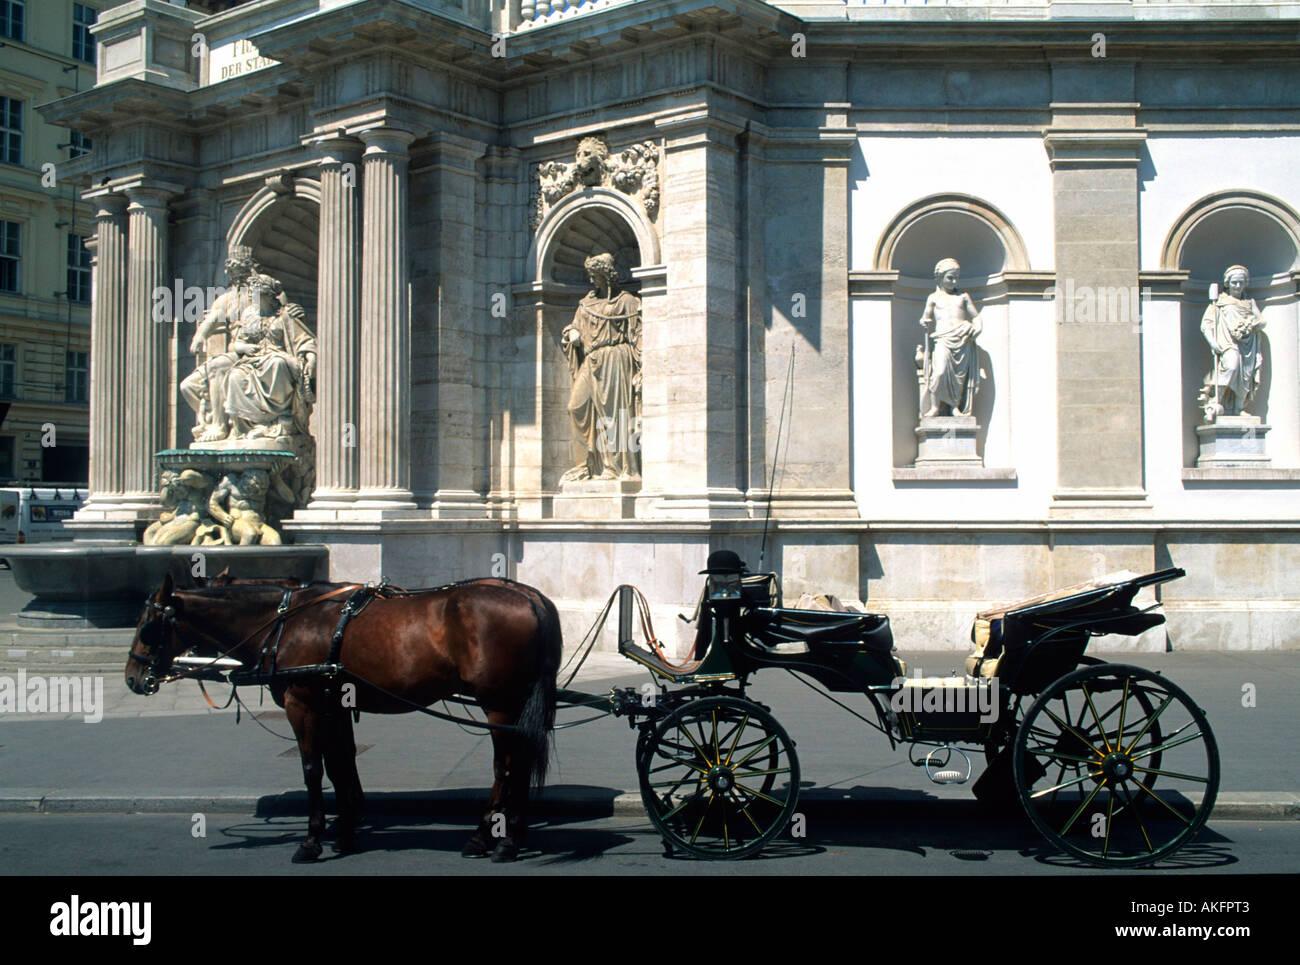 Österreich, Wien 1, Albertinaplatz, Fiaker vor dem Danubiusbrunnen (1869) an der Albrechtsrampe des Palais Erzherzog Albrecht (A - Stock Image